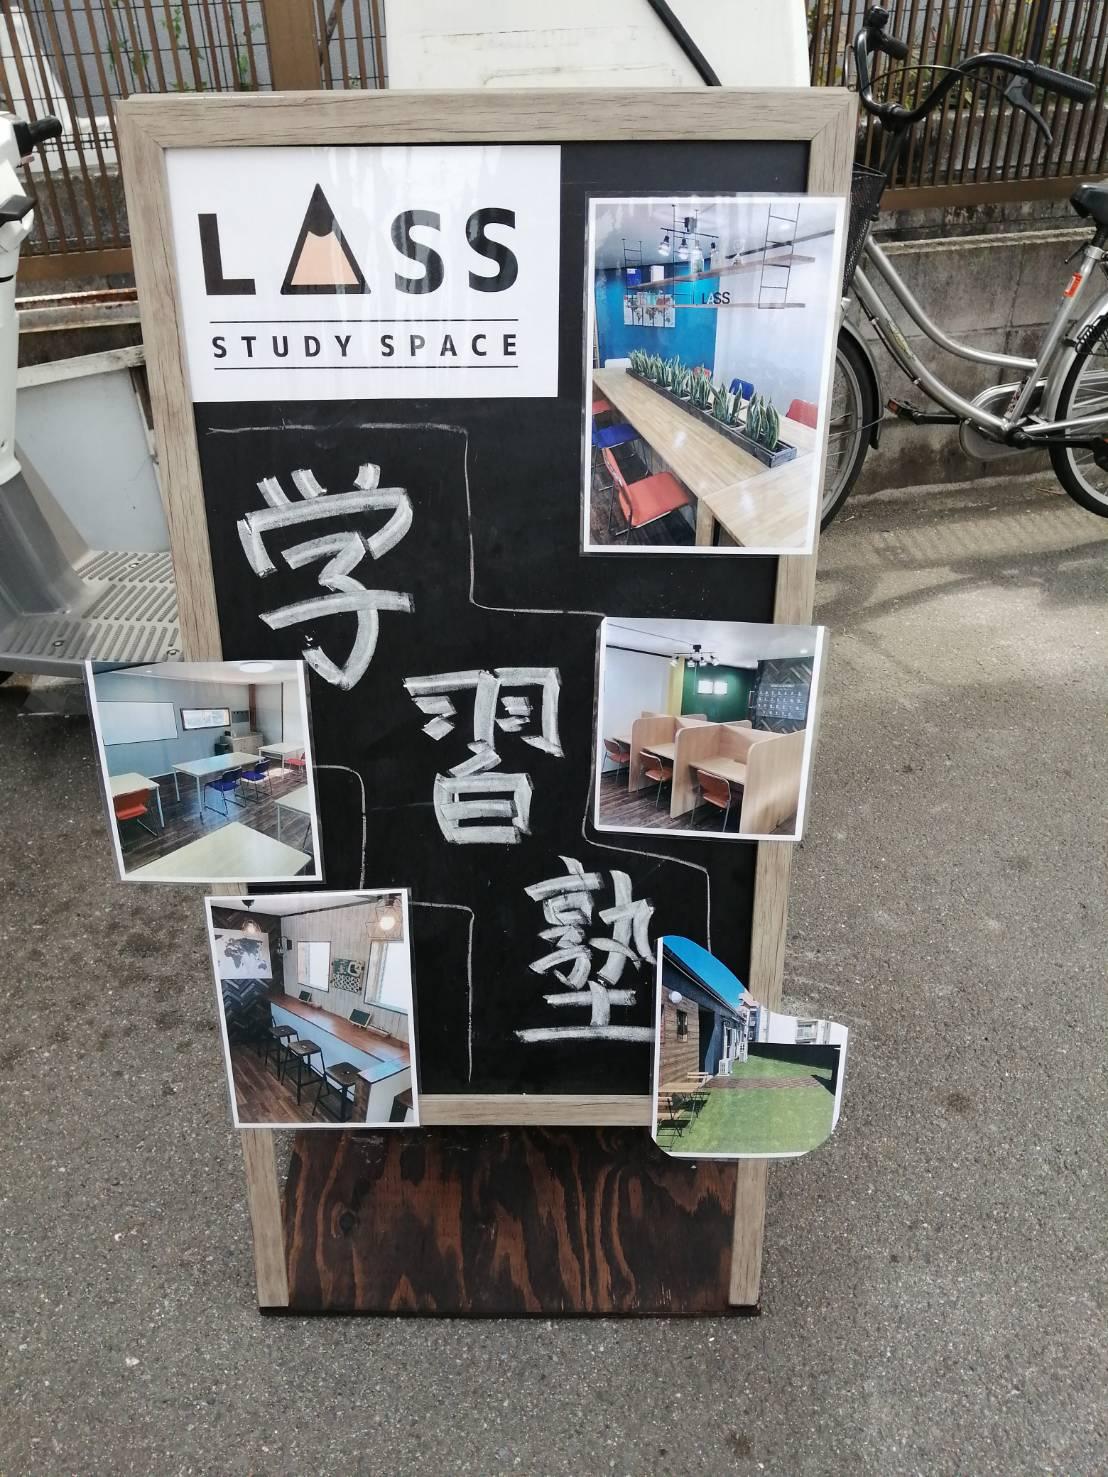 【開校日判明】藤井寺市・野中に新規開校される学習塾『LASS(ラス)』の開校日が判明しました。: